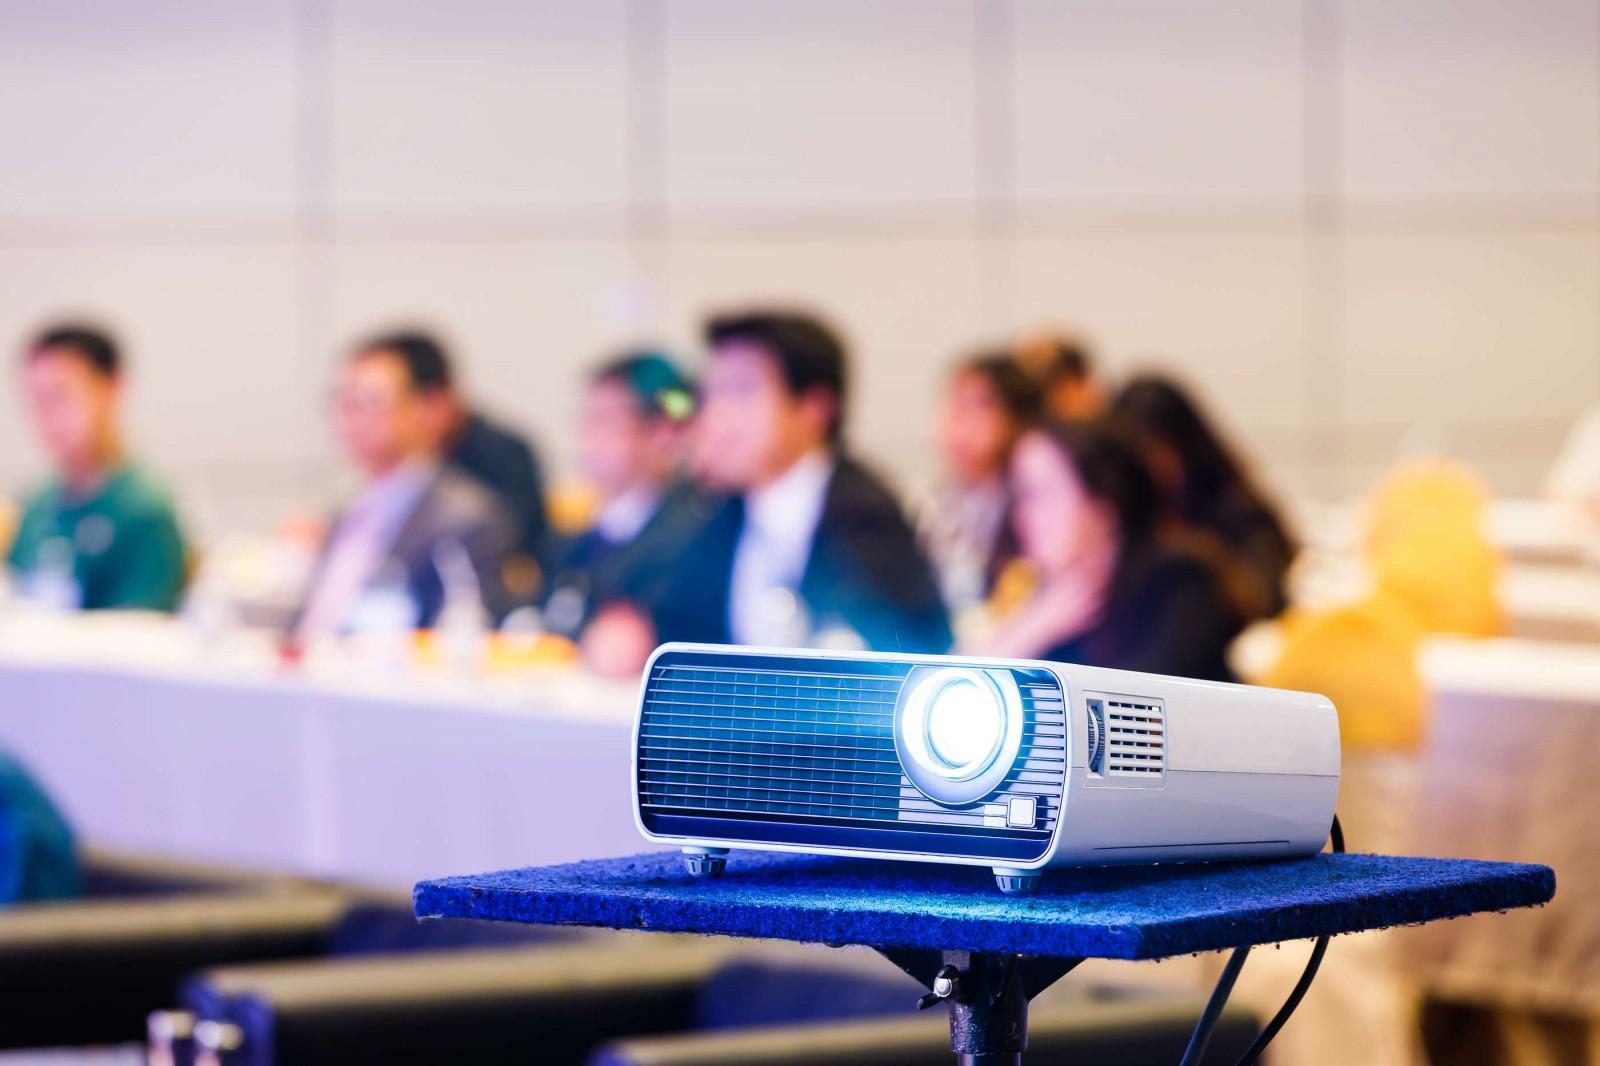 проектор на конференцию